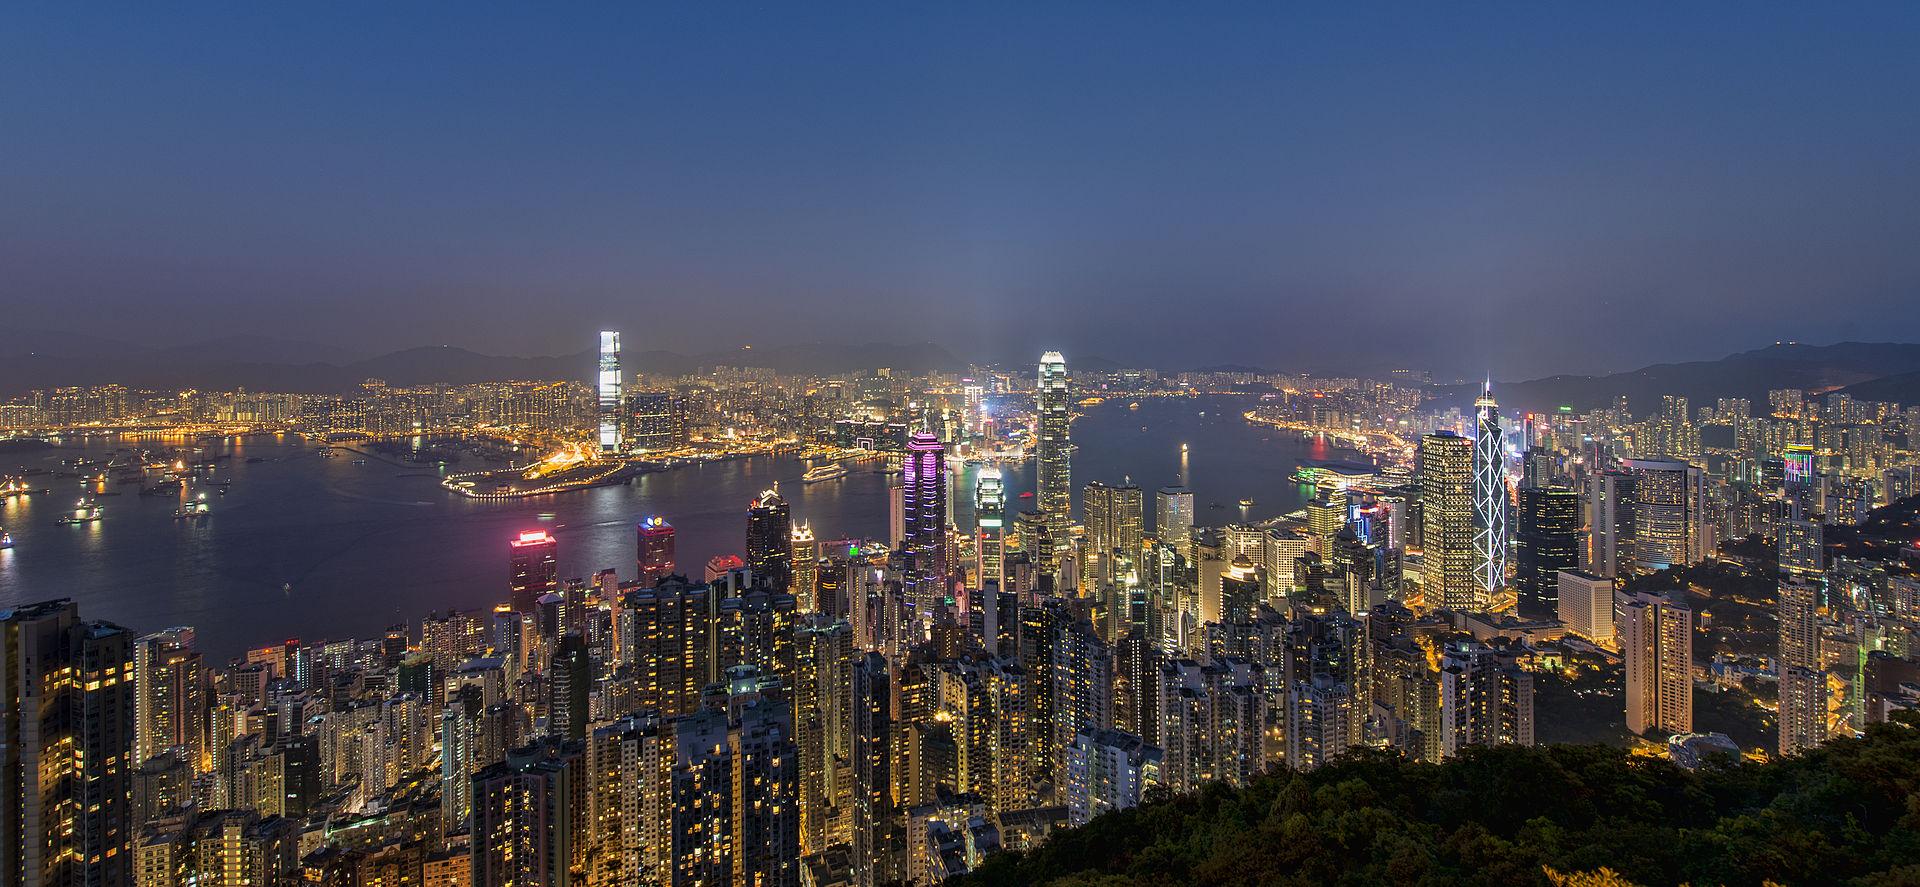 Foram transferidos para Hong Kong 2.367 milhões de euros nos cinco anos em análise.